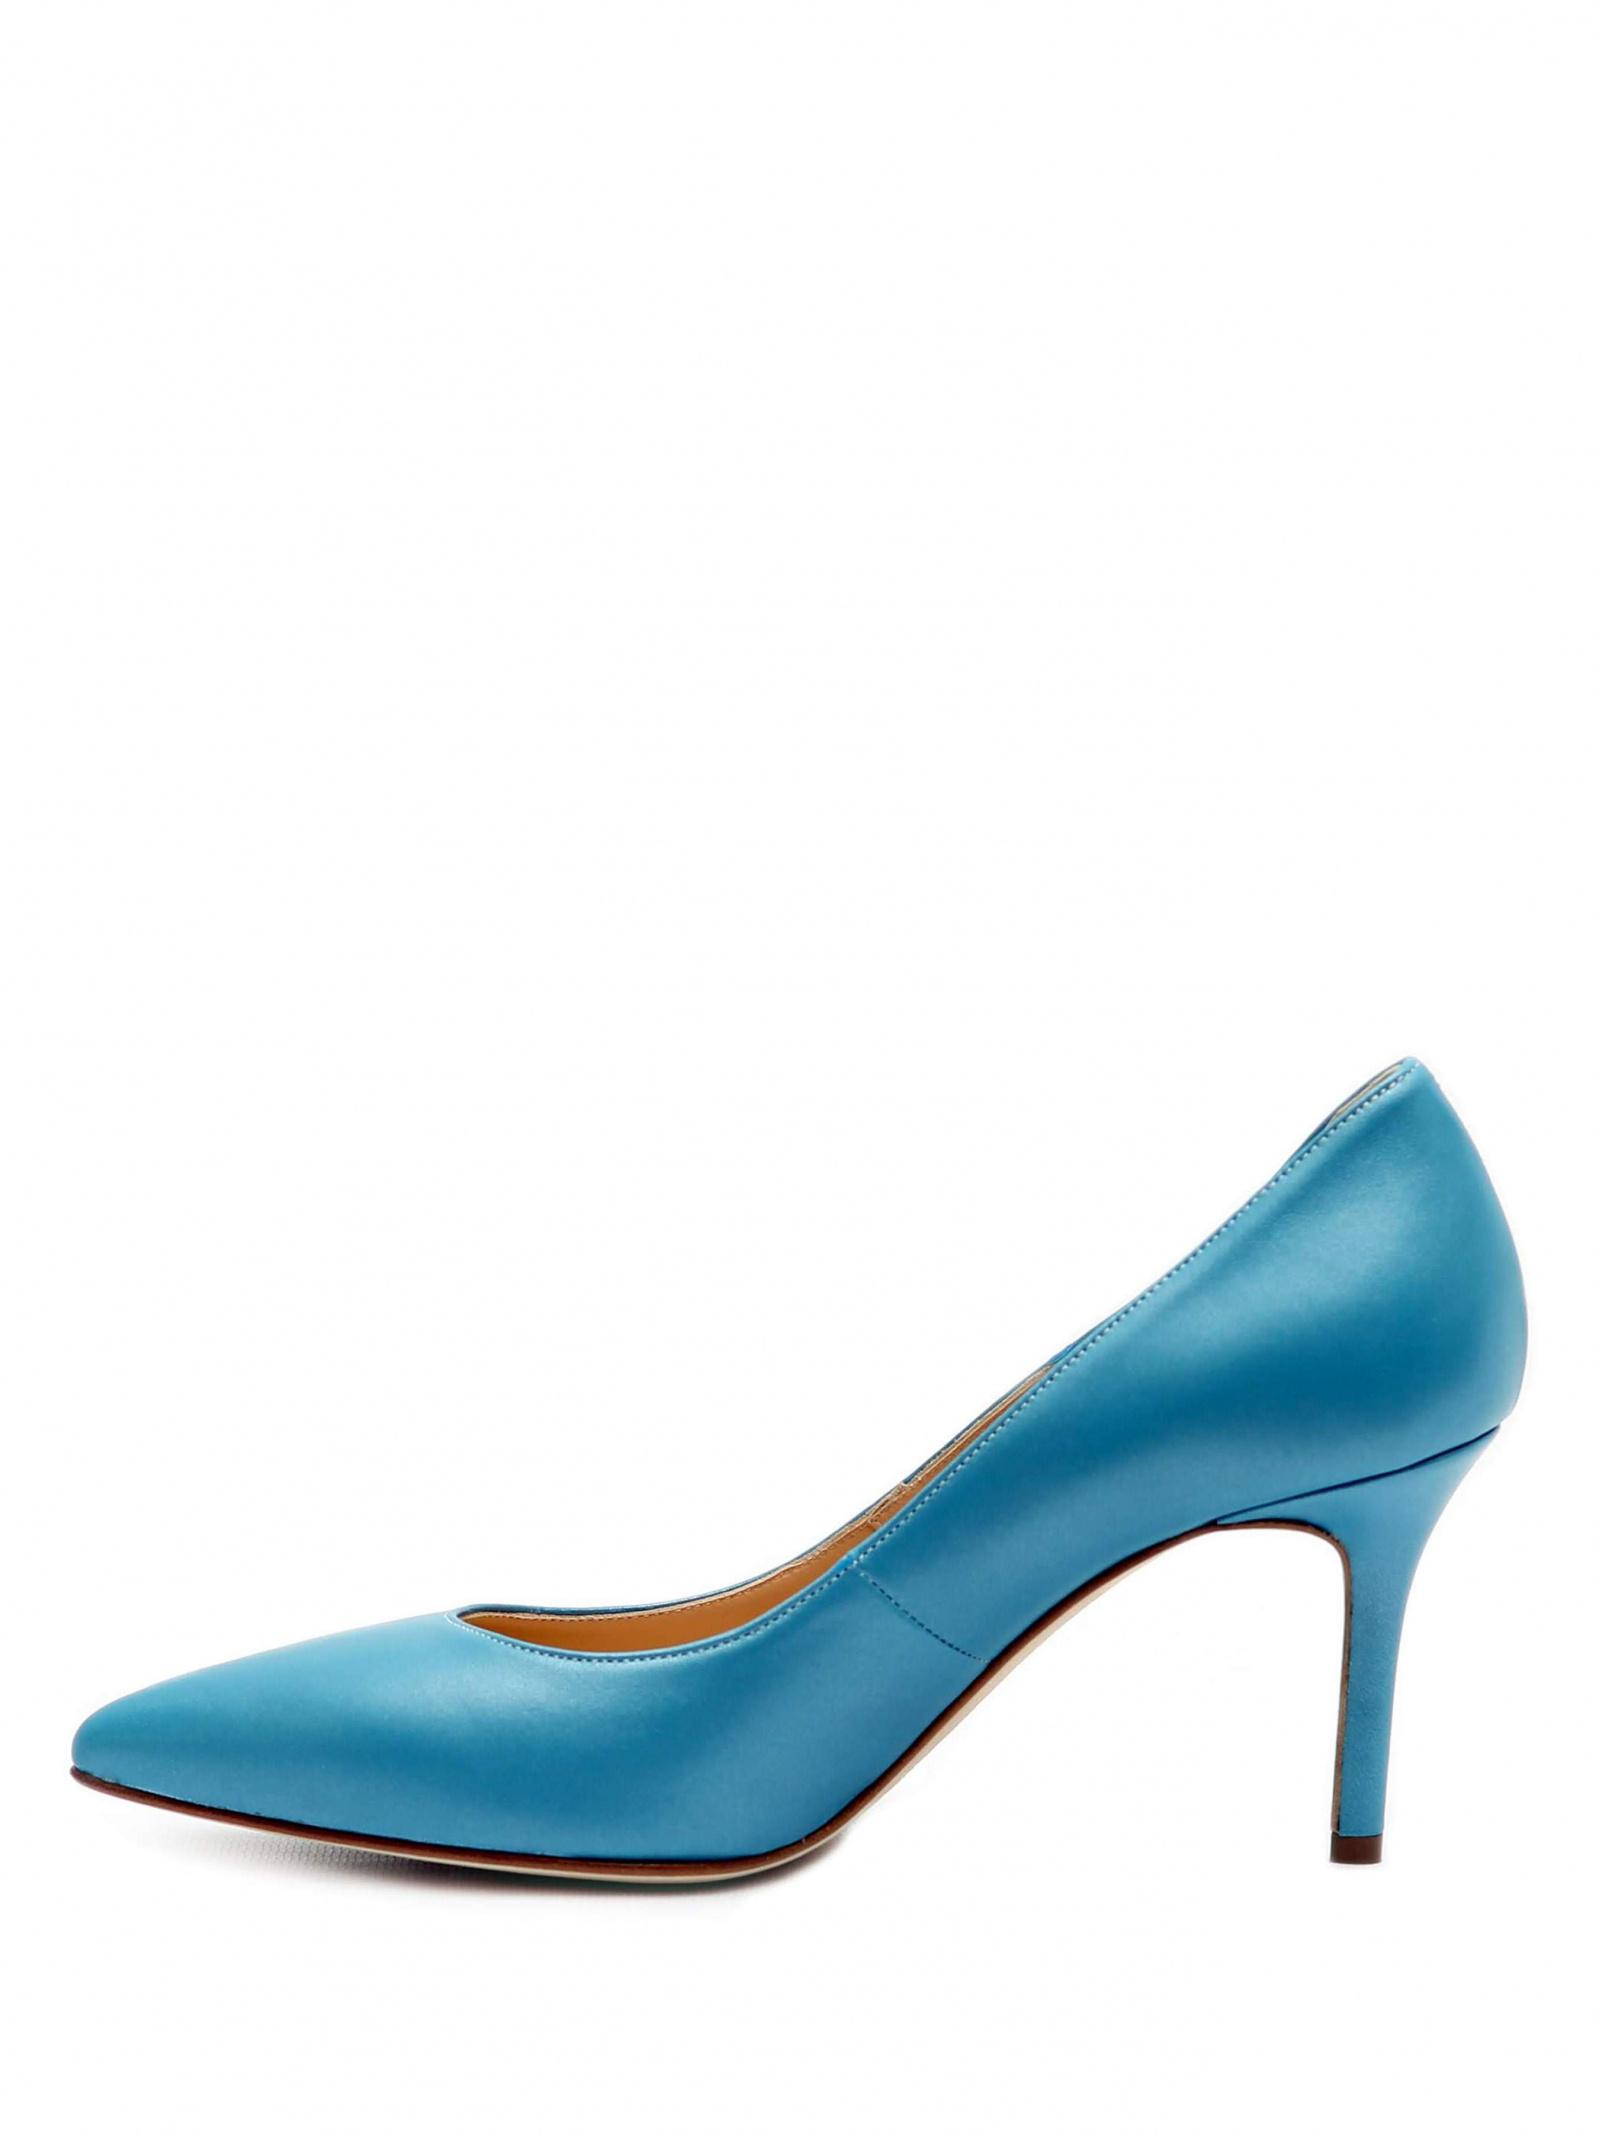 Туфлі  жіночі SITELLE KRI70SBL ціна, 2017